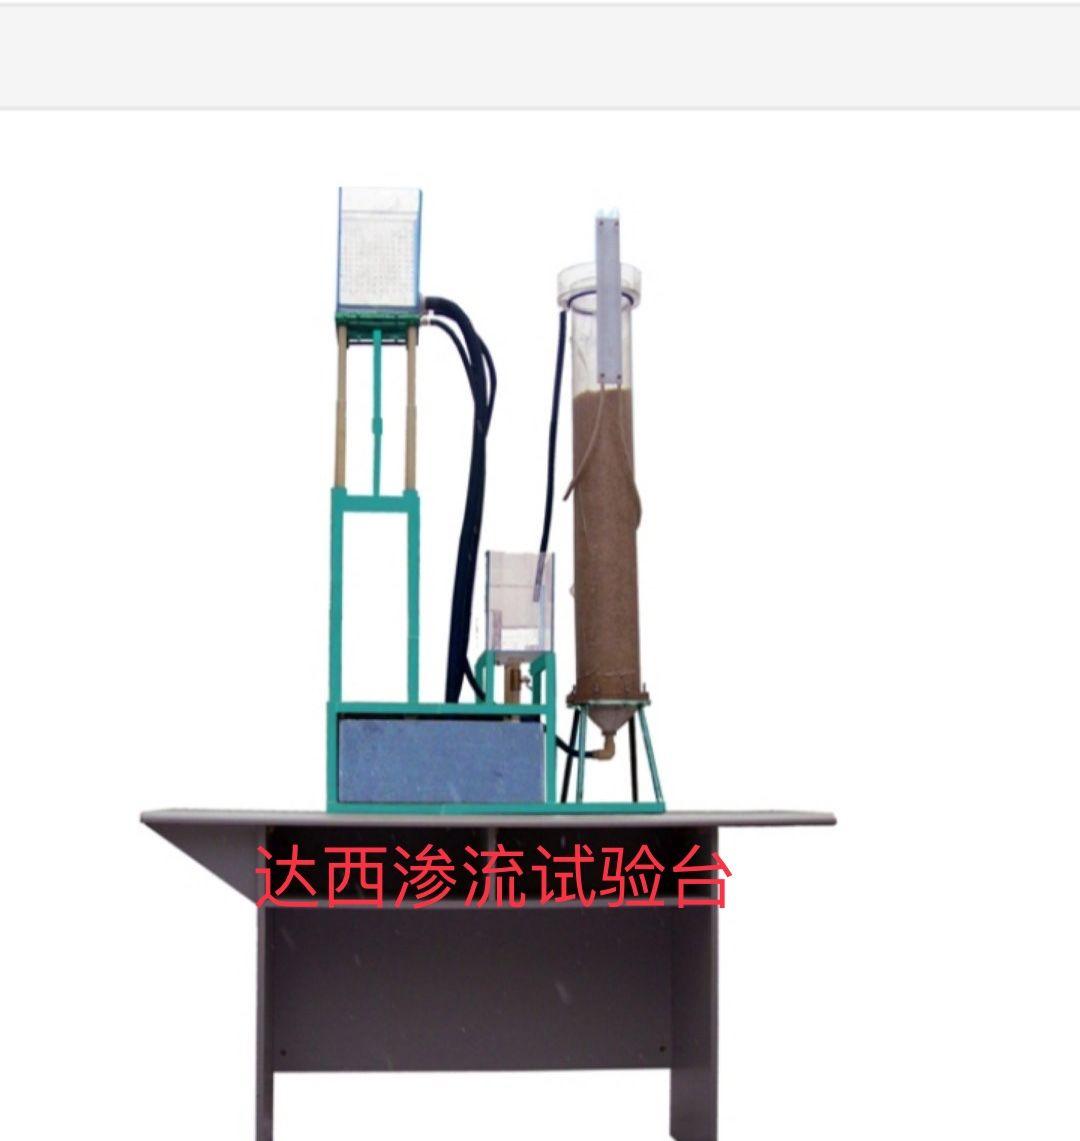 合肥万学科教仪器专业供应虹吸演示仪-催化净化实验装置